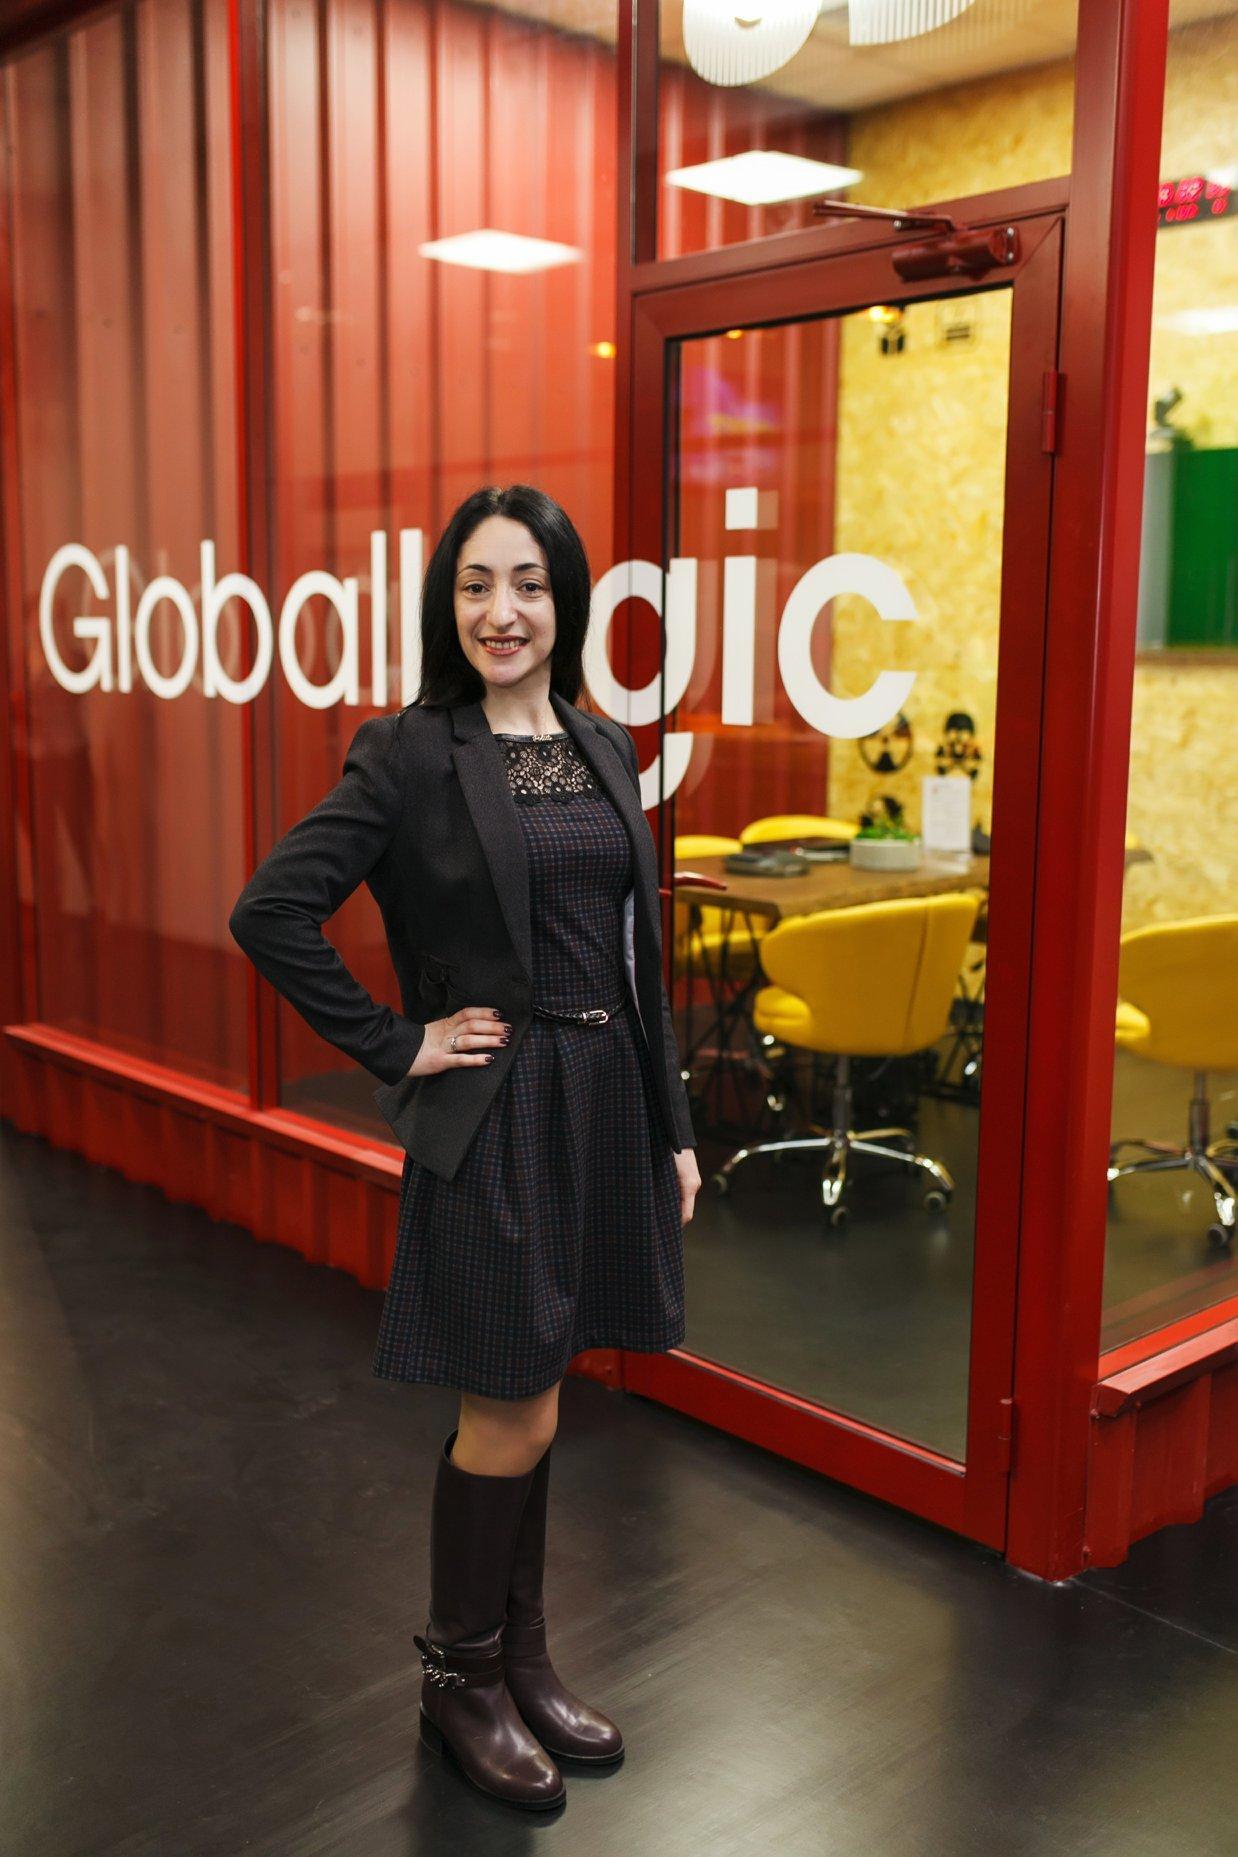 Вінничанка Юлія Штукатурова потрапила до списку Forbes - 25 жінок в IT